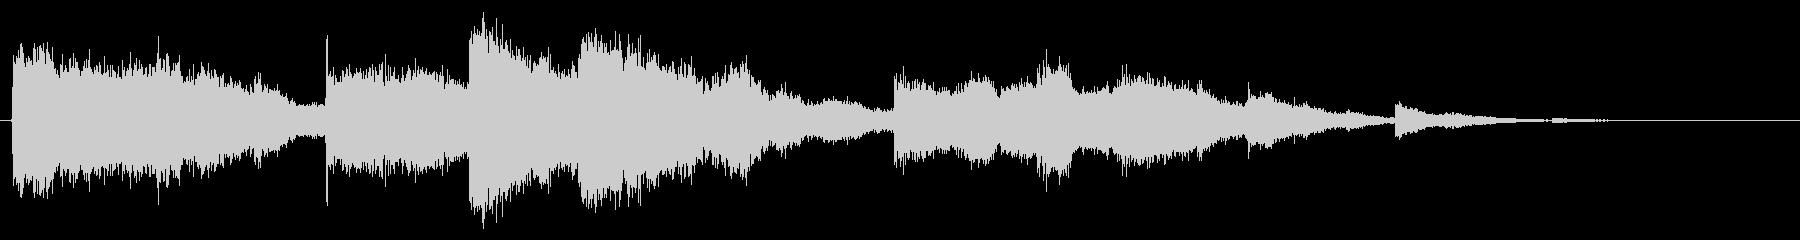 鳴り響く教会の鐘/ベル/チャイムの未再生の波形